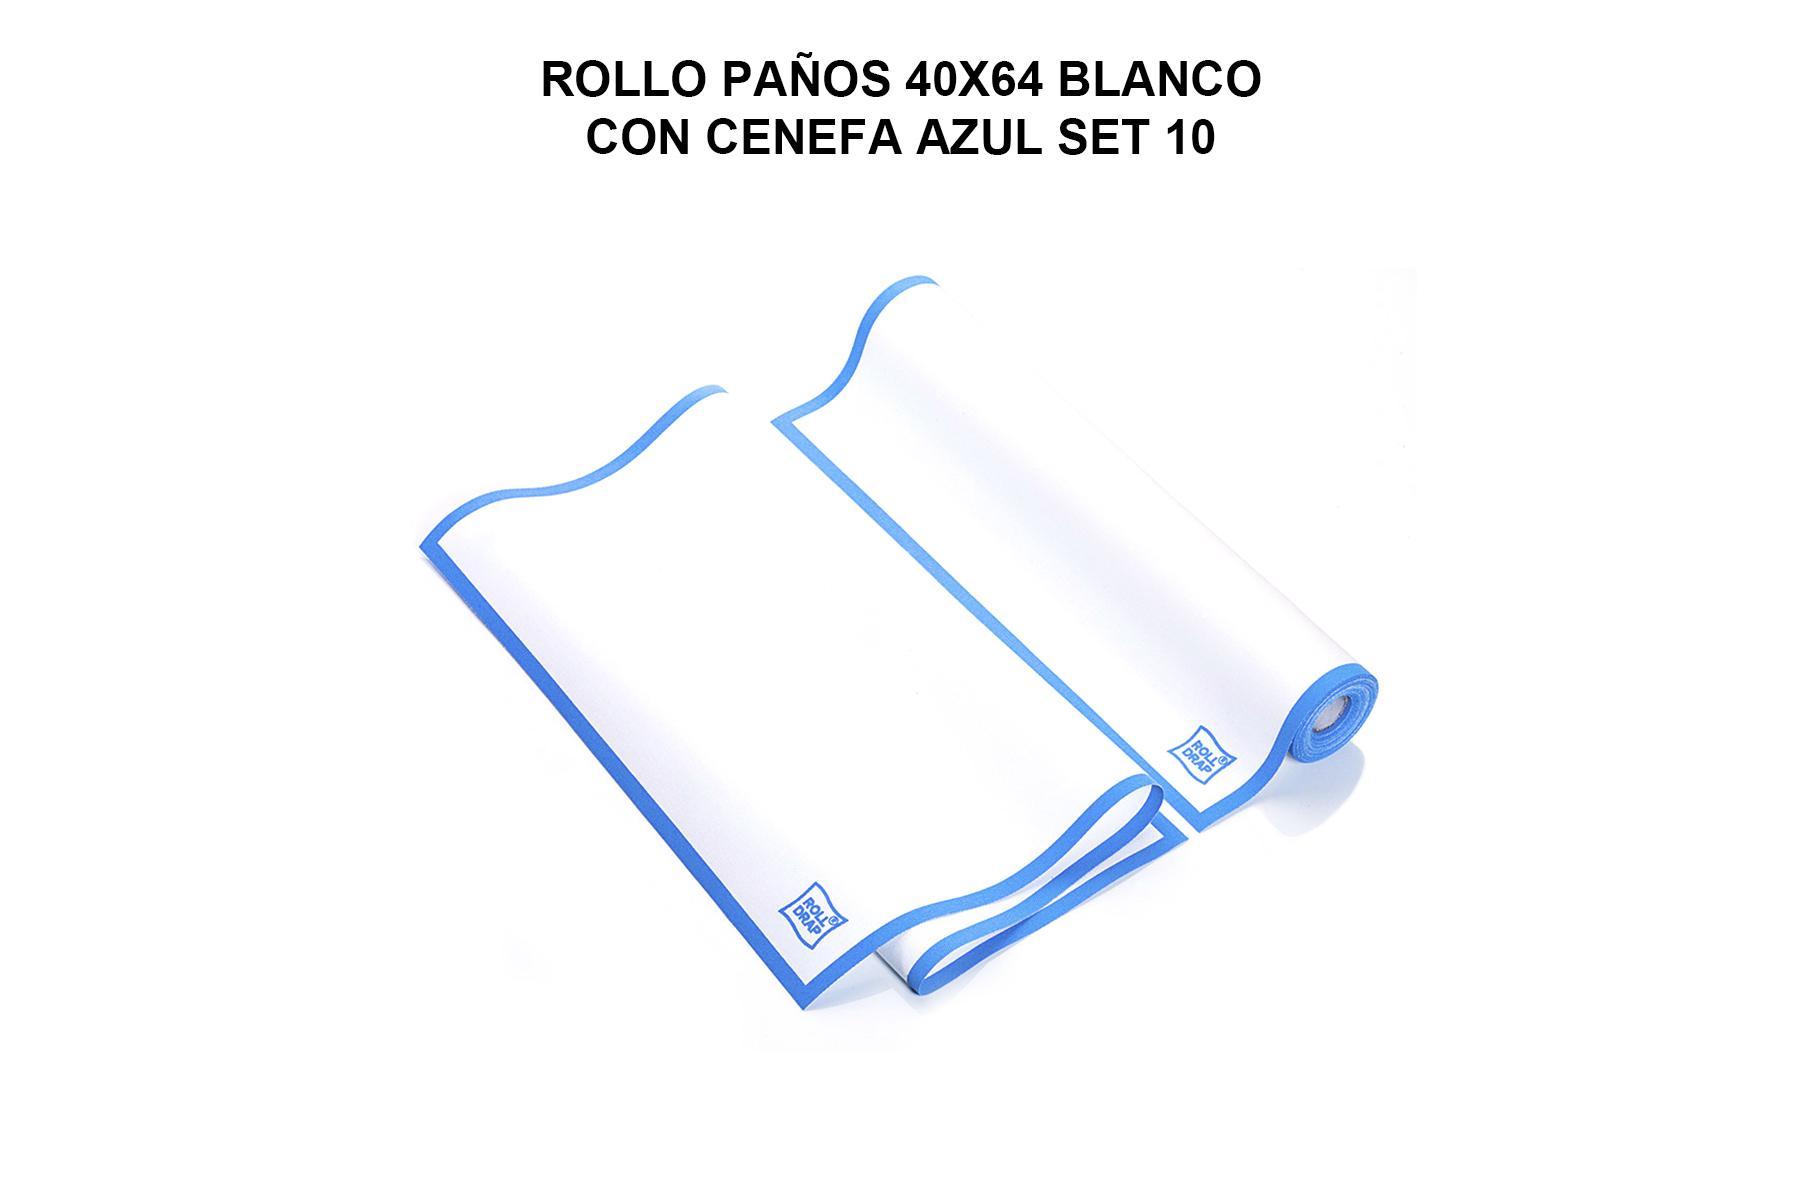 ROLLO PAÑOS 40X64 BLANCO CON CENEFA AZUL ROLL DRAP  (10 UND POR ROLLO)